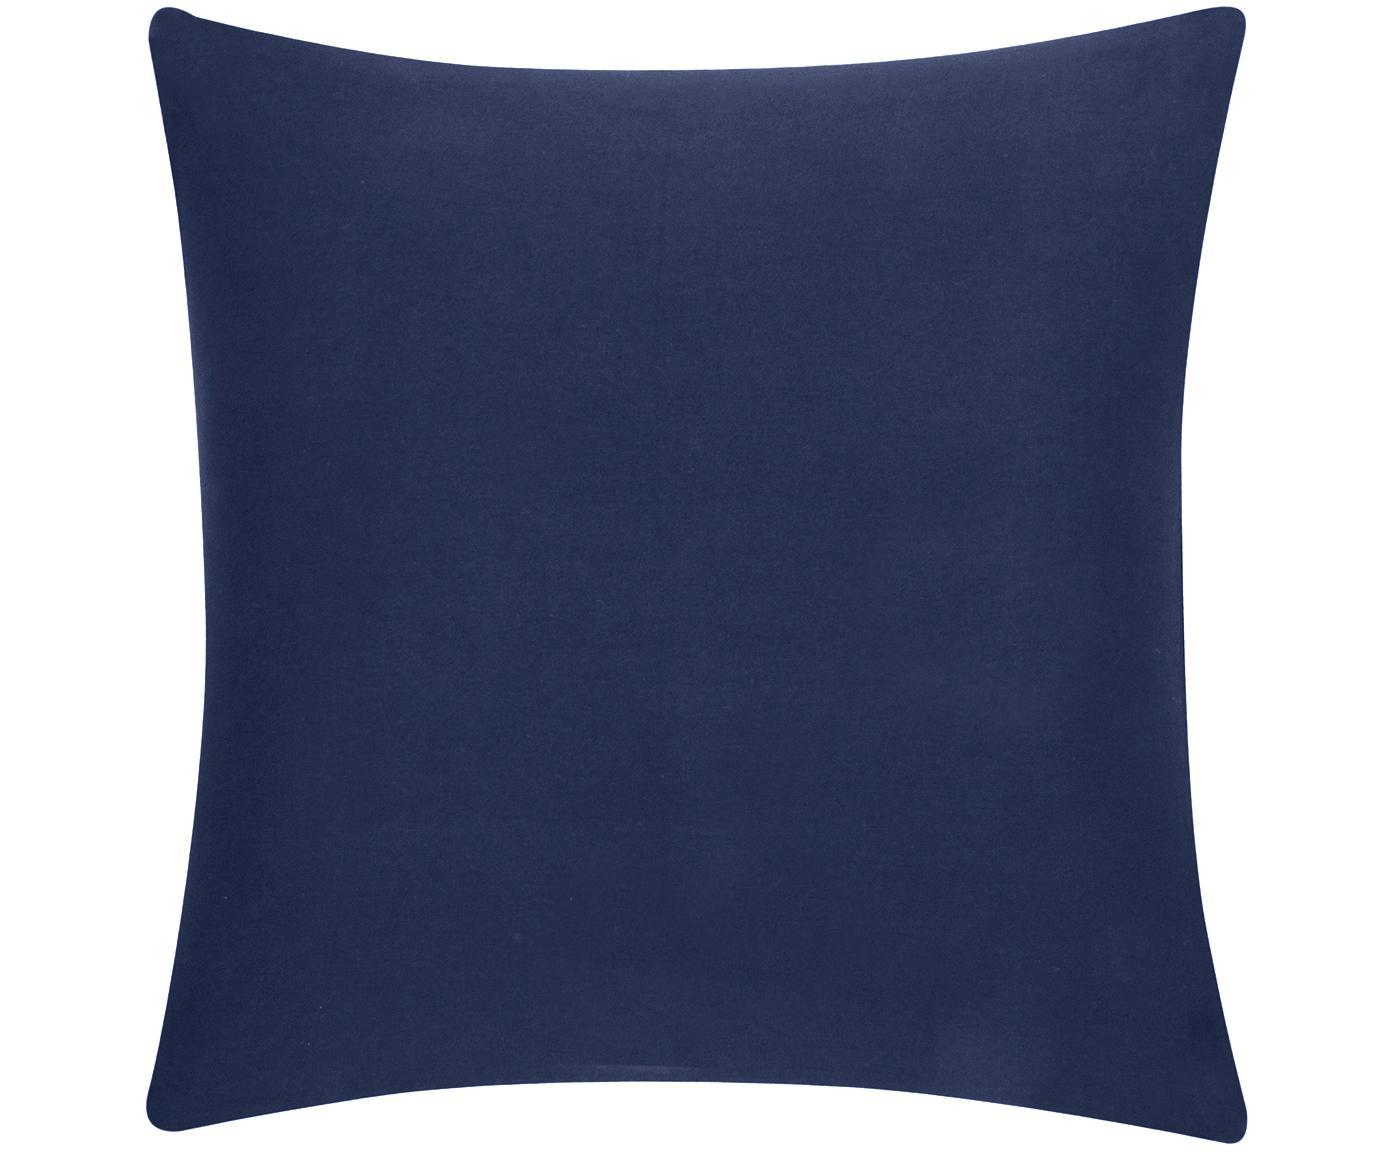 Kussenhoes Mads, 100% katoen, Marineblauw, 40 x 40 cm